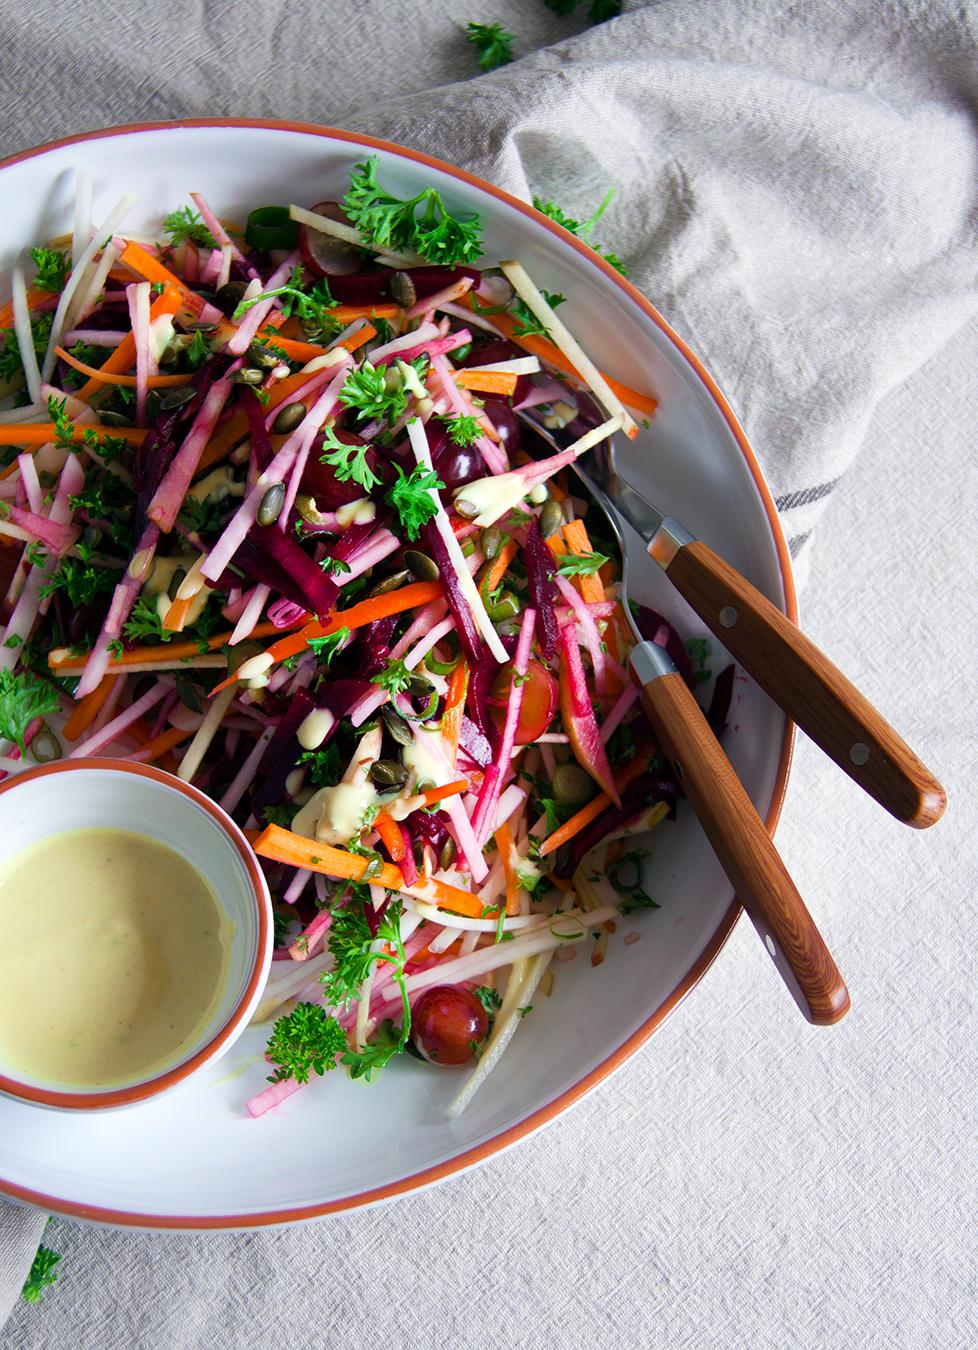 zomersalade-koolrabi-rode-biet-vegan-whole-foods-olievrij-glutenvrij-01.jpg